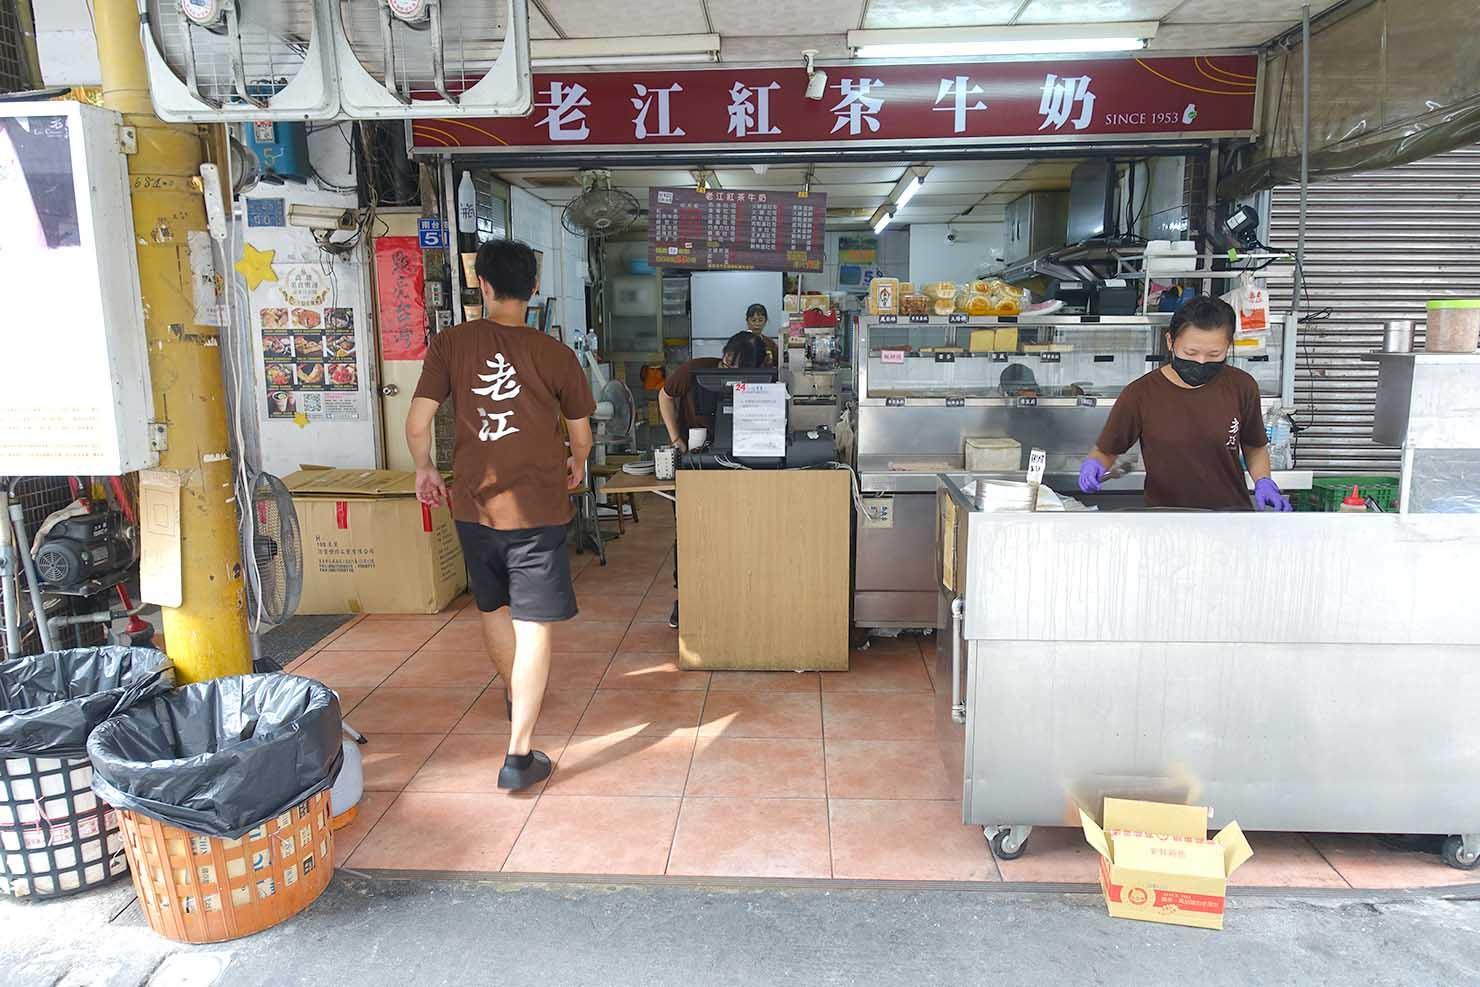 高雄・美麗島の老舗朝ごはん屋さん「老江紅茶牛奶」